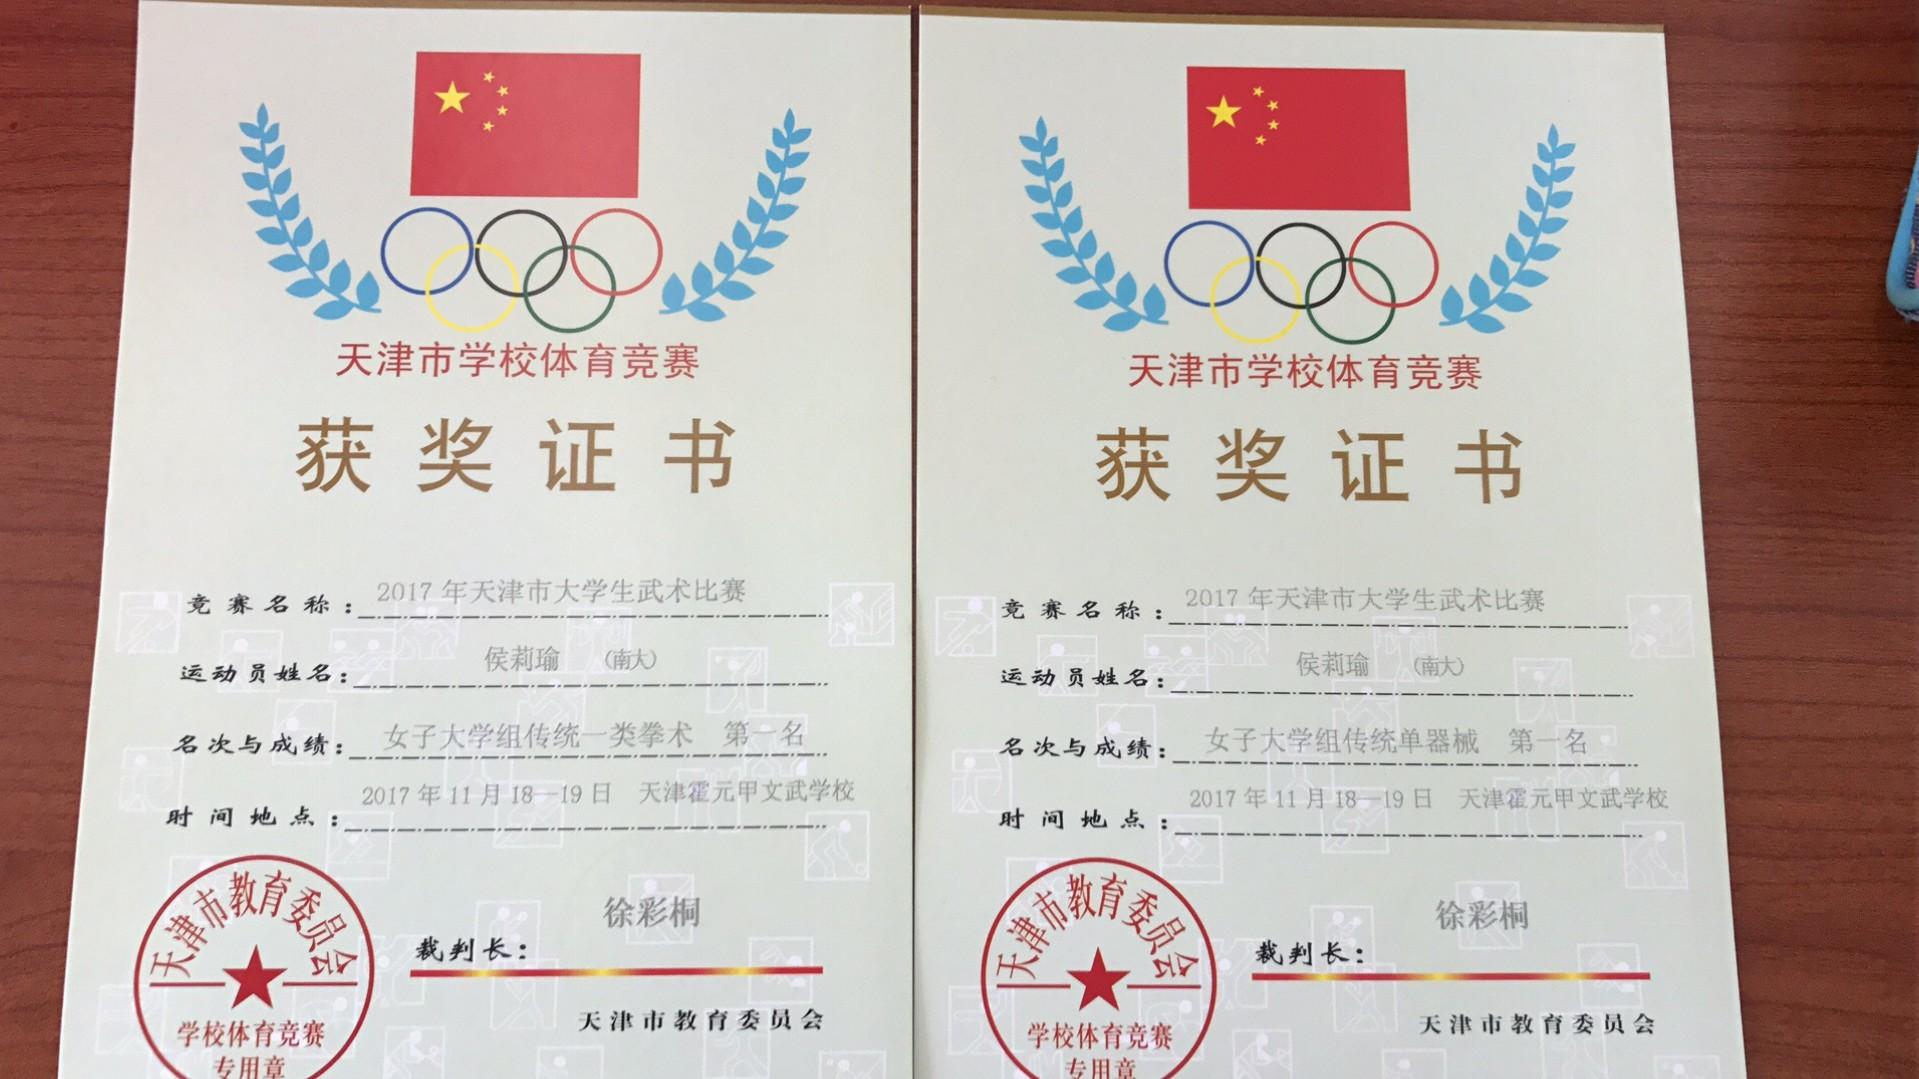 005_侯莉瑜在武術比賽中獲獎的證書